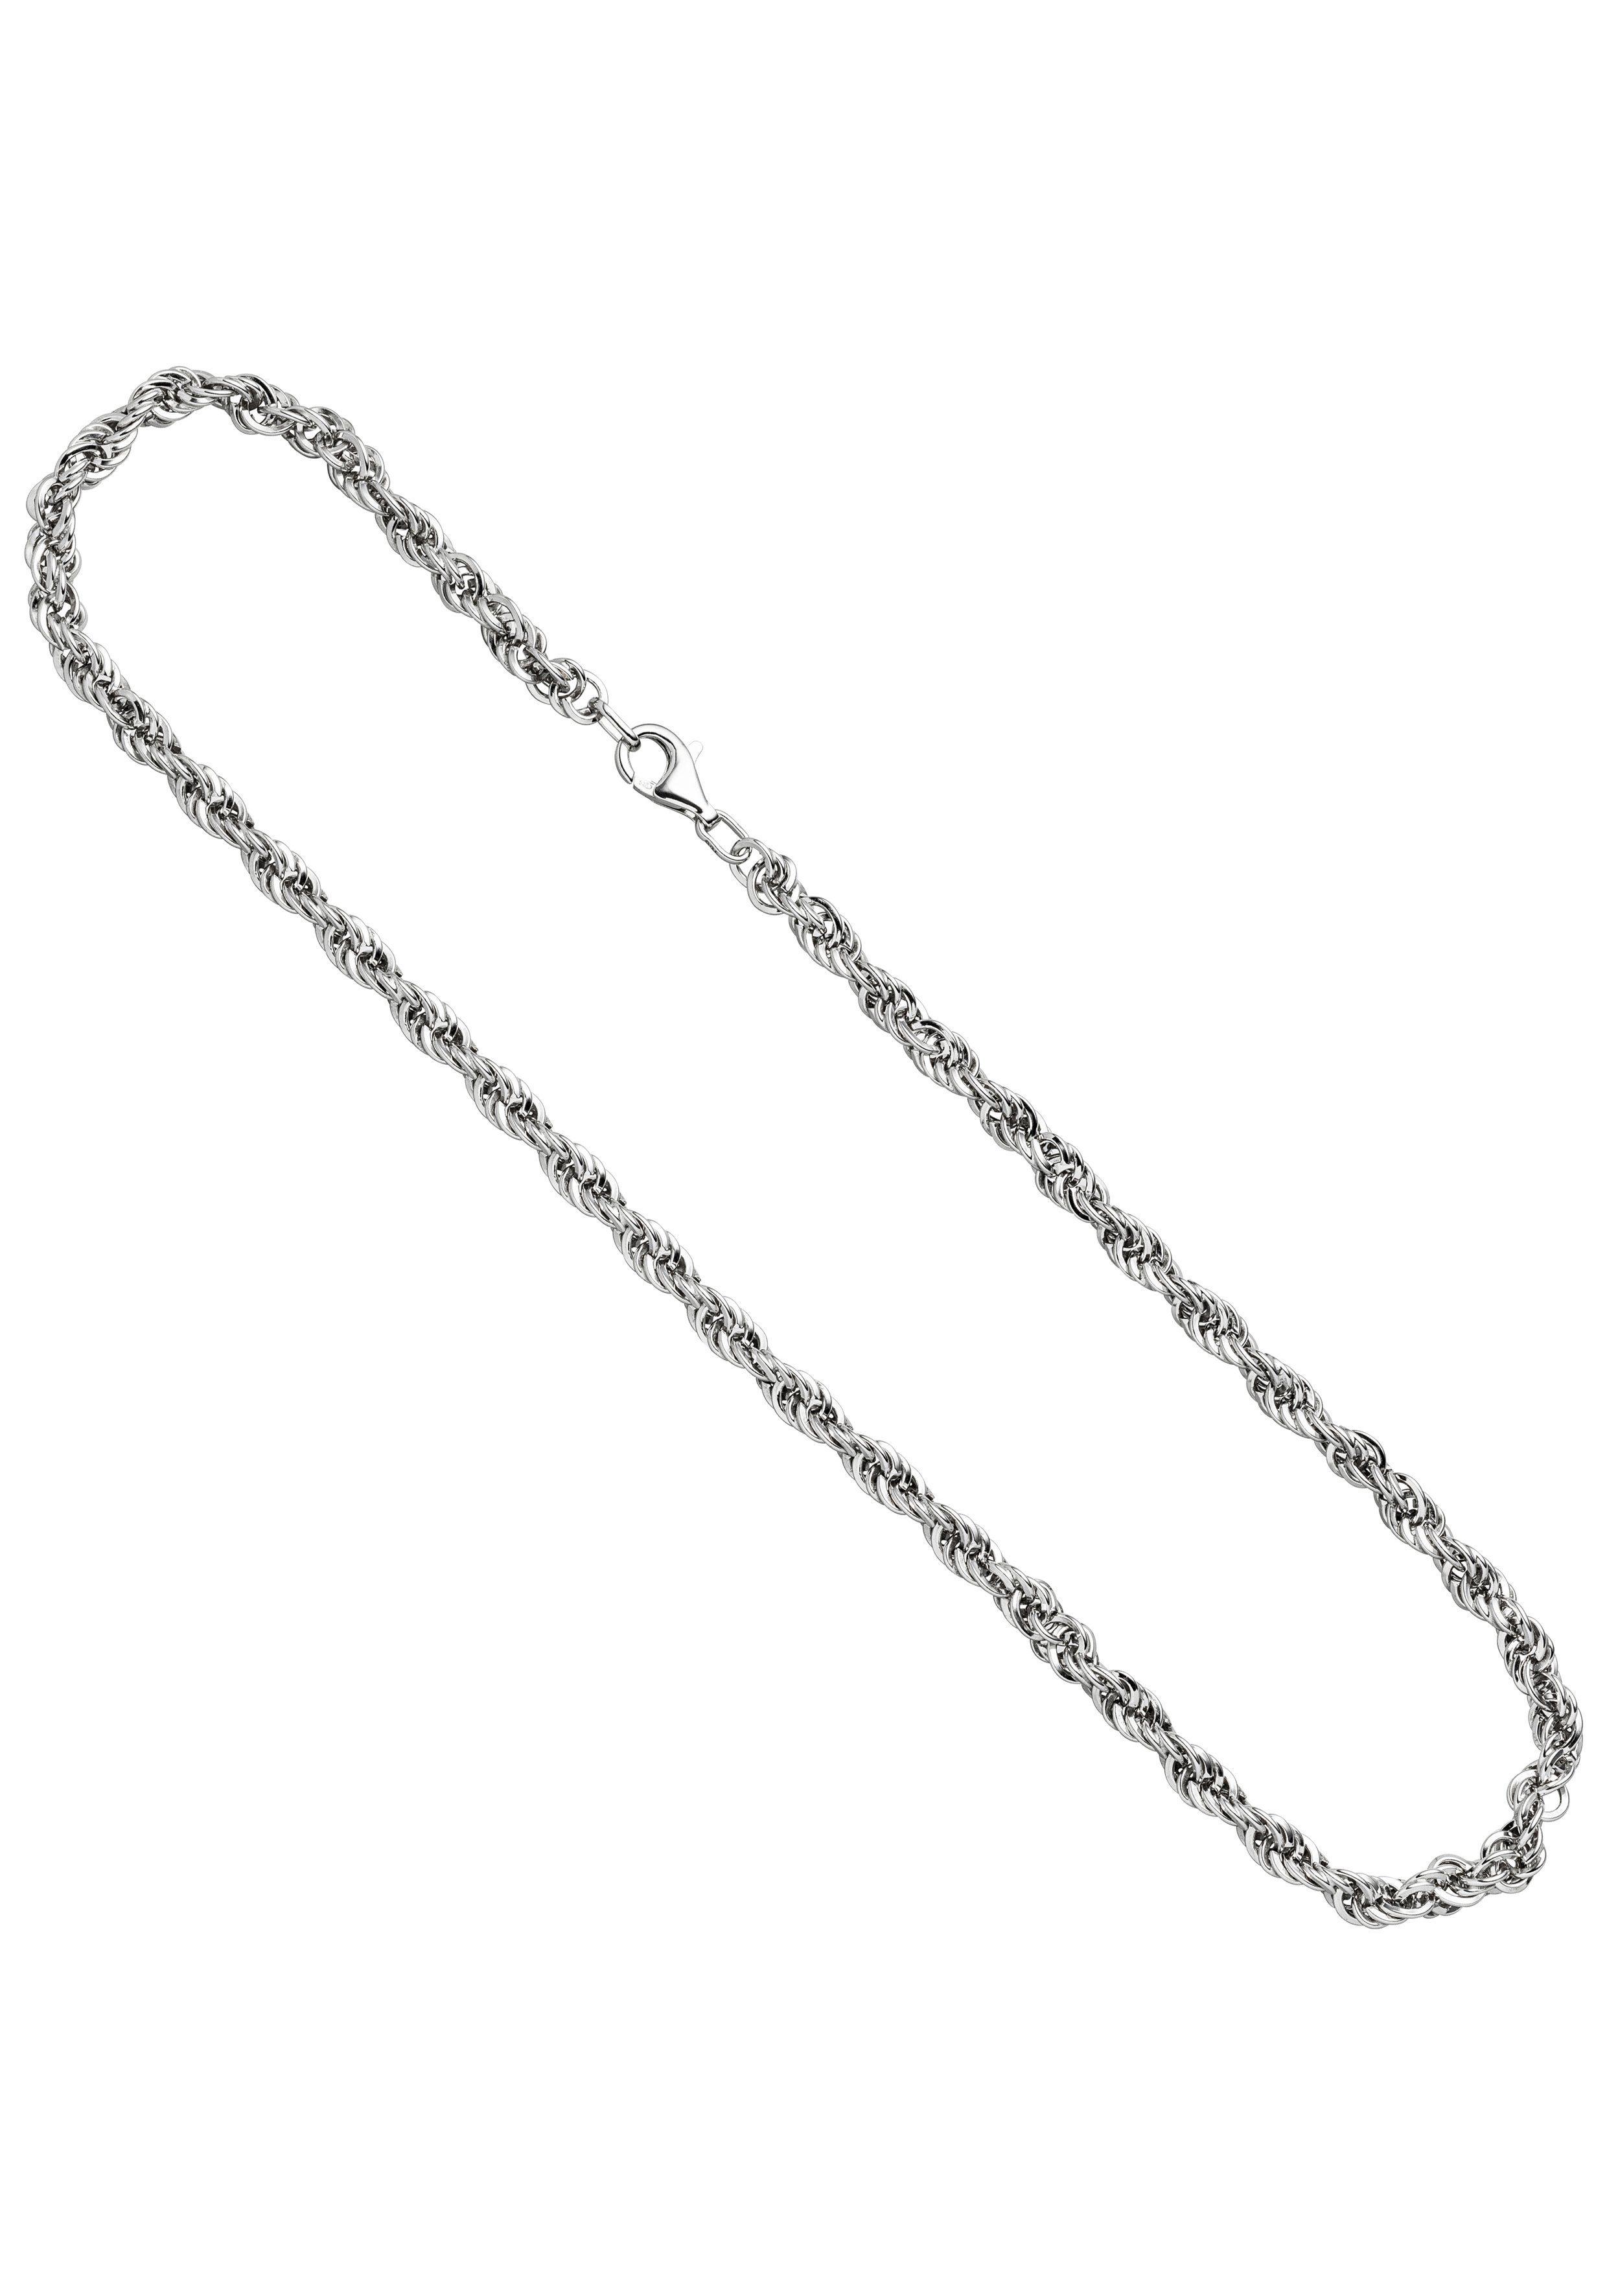 JOBO Silberkette Kordelkette 925 Silber 50 cm